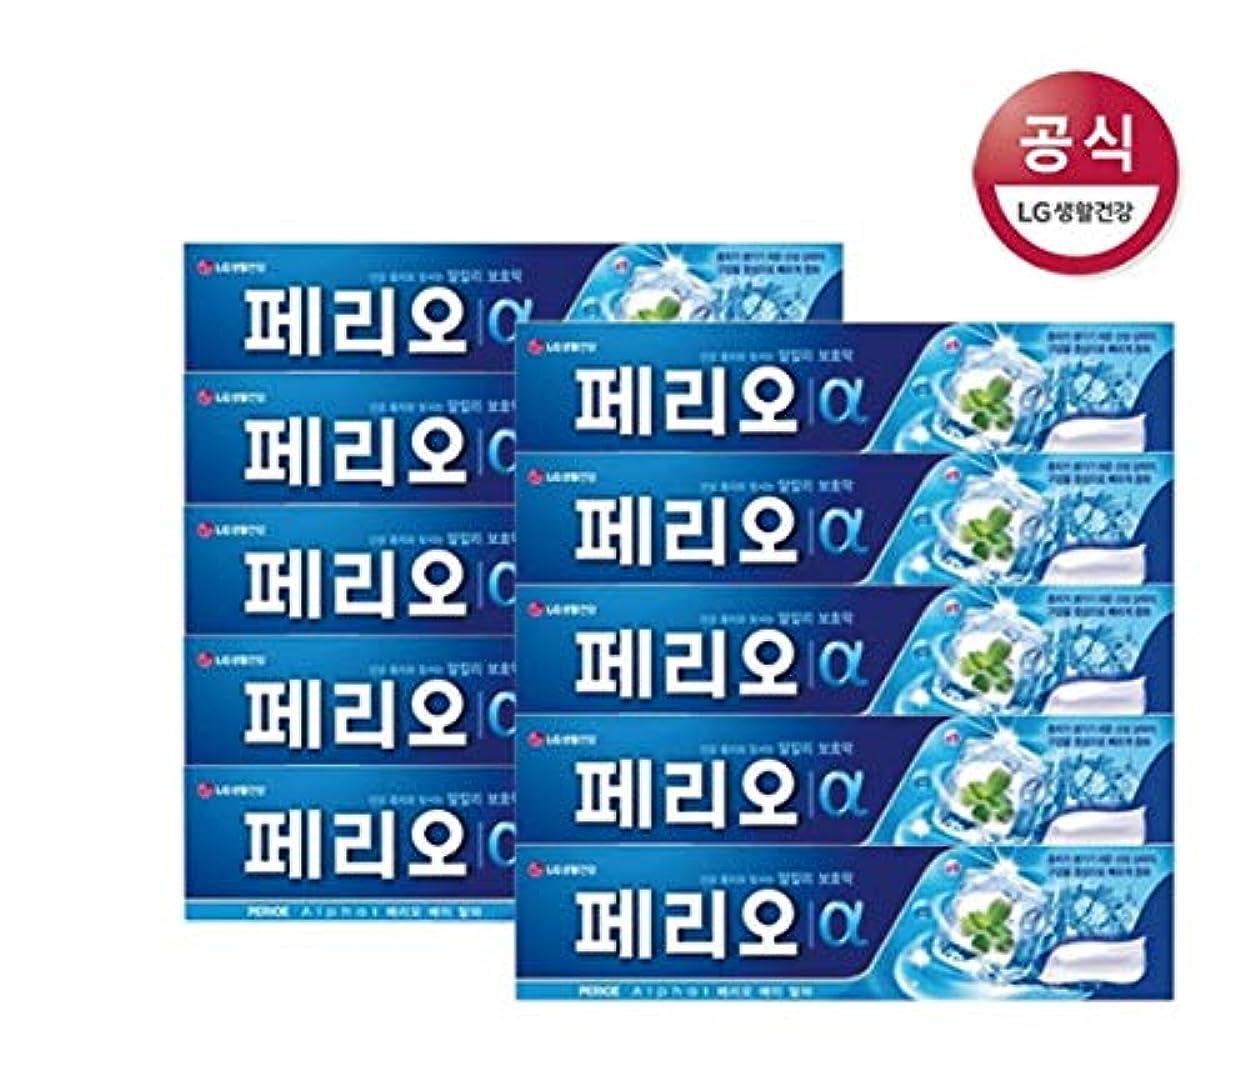 追加近代化リングレット[LG Care/LG生活健康]ペリオアルファ歯磨き粉170g x10個/歯磨きセットスペシャル?リミテッドToothpaste Set Special Limited Korea(海外直送品)